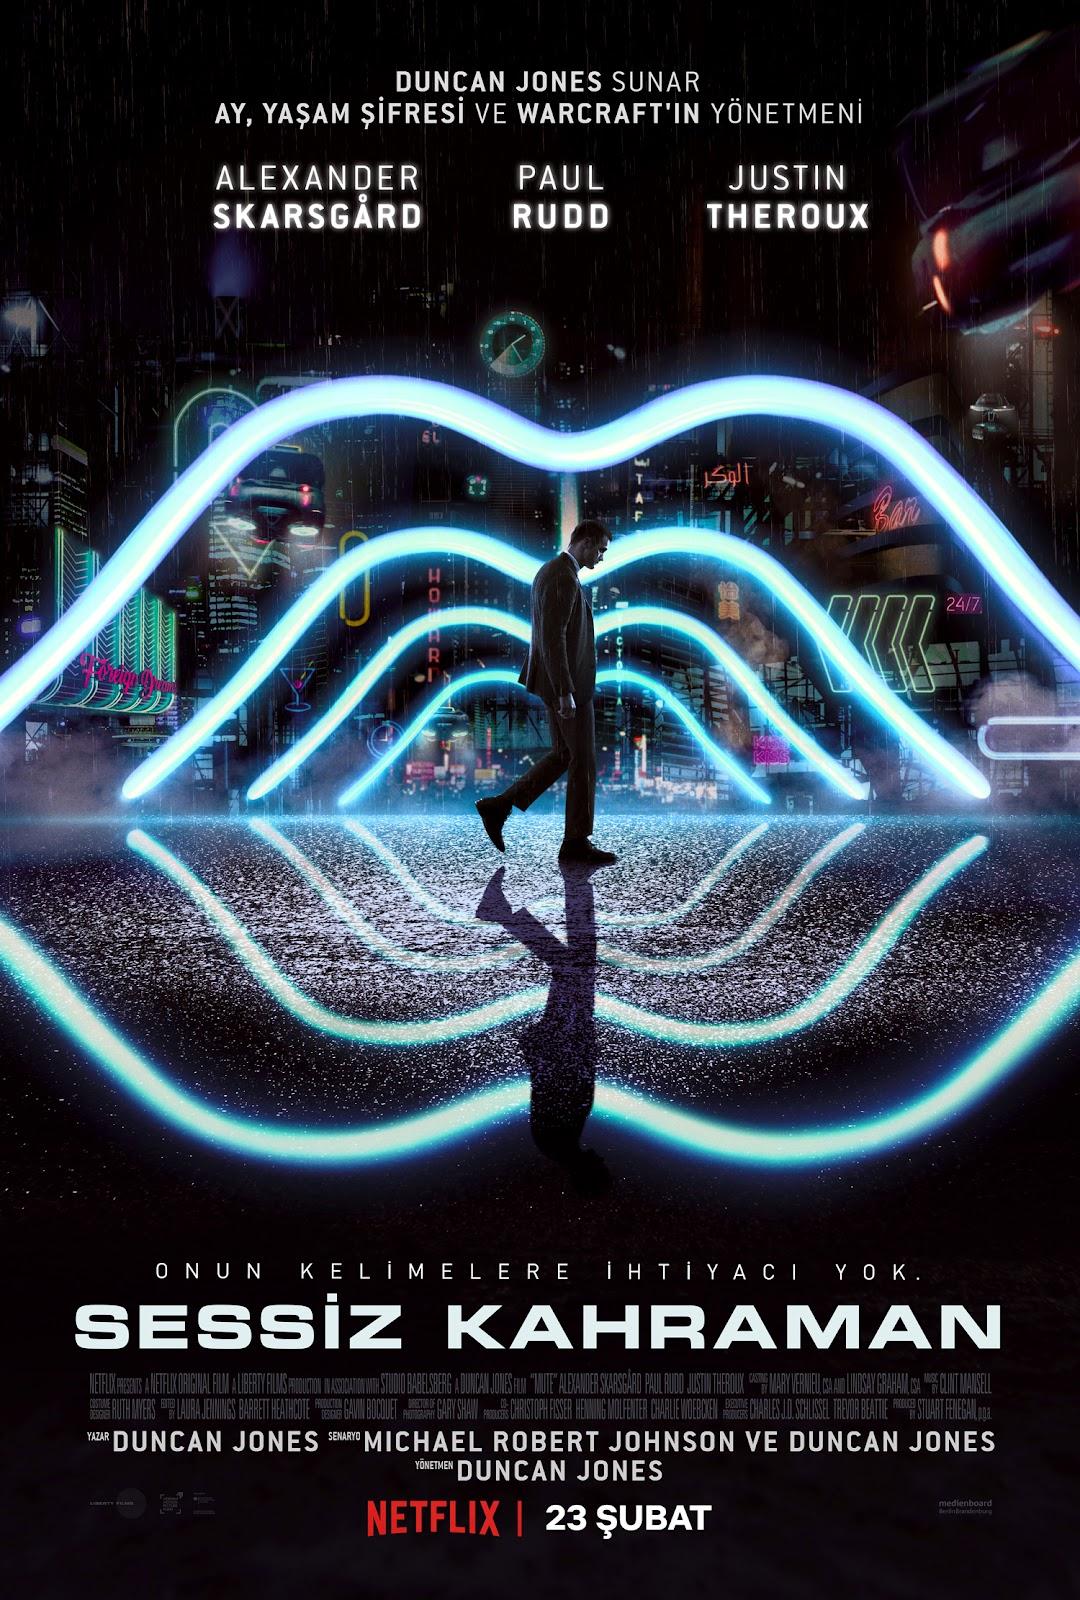 Netflix platformunun Sessiz Kahraman filmi için resmi video ve afiş yayımlandı